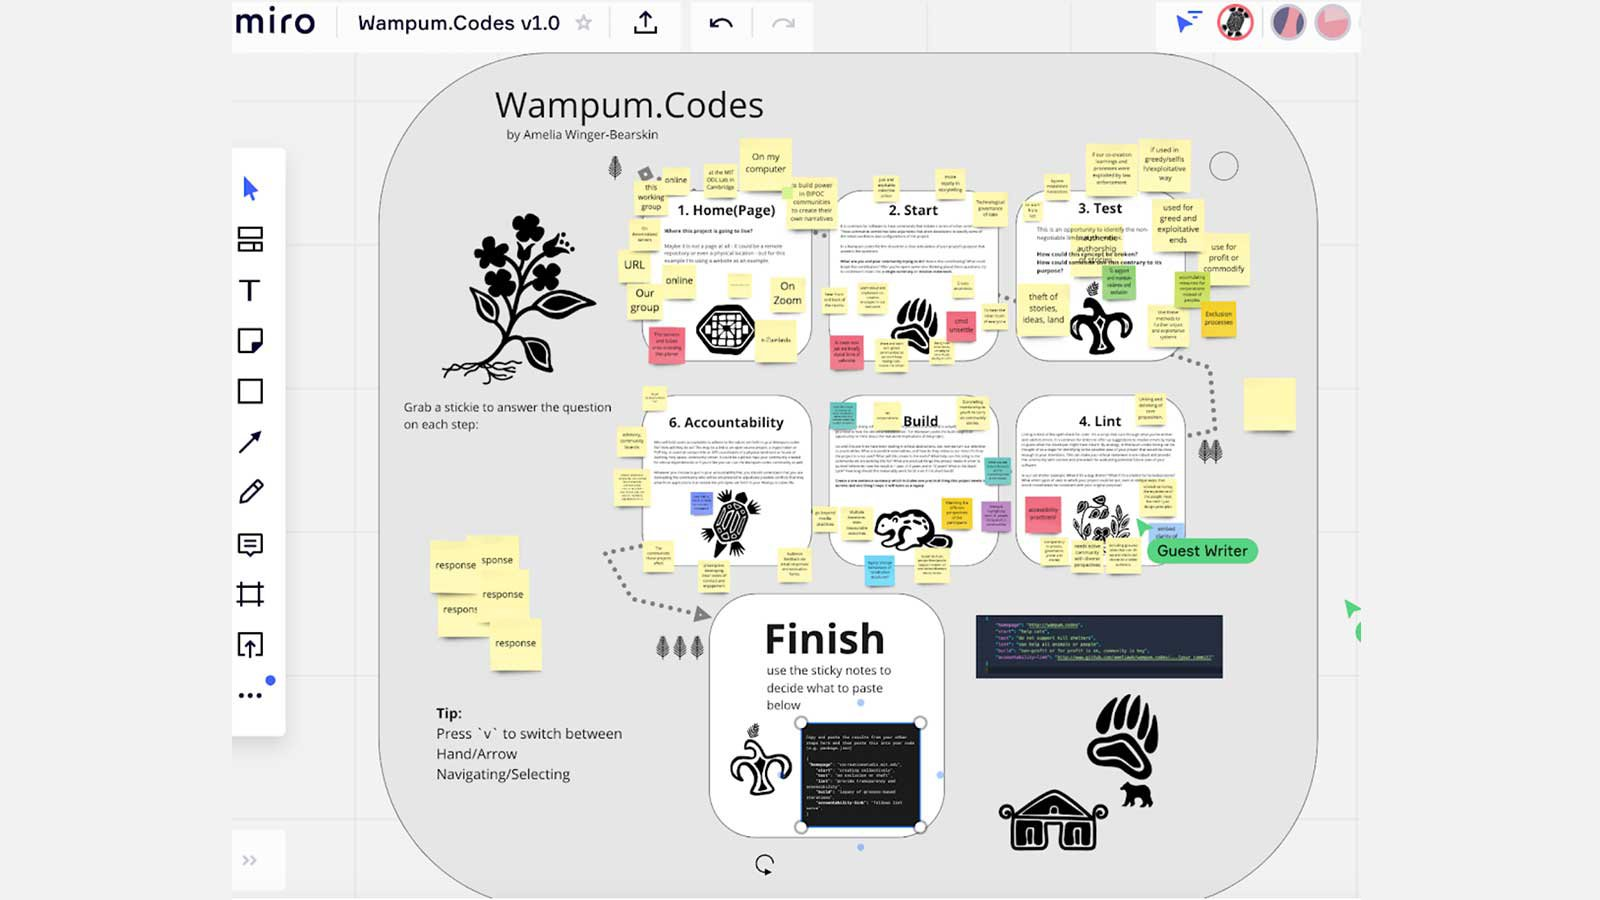 Wampum.Codes interactive workshop